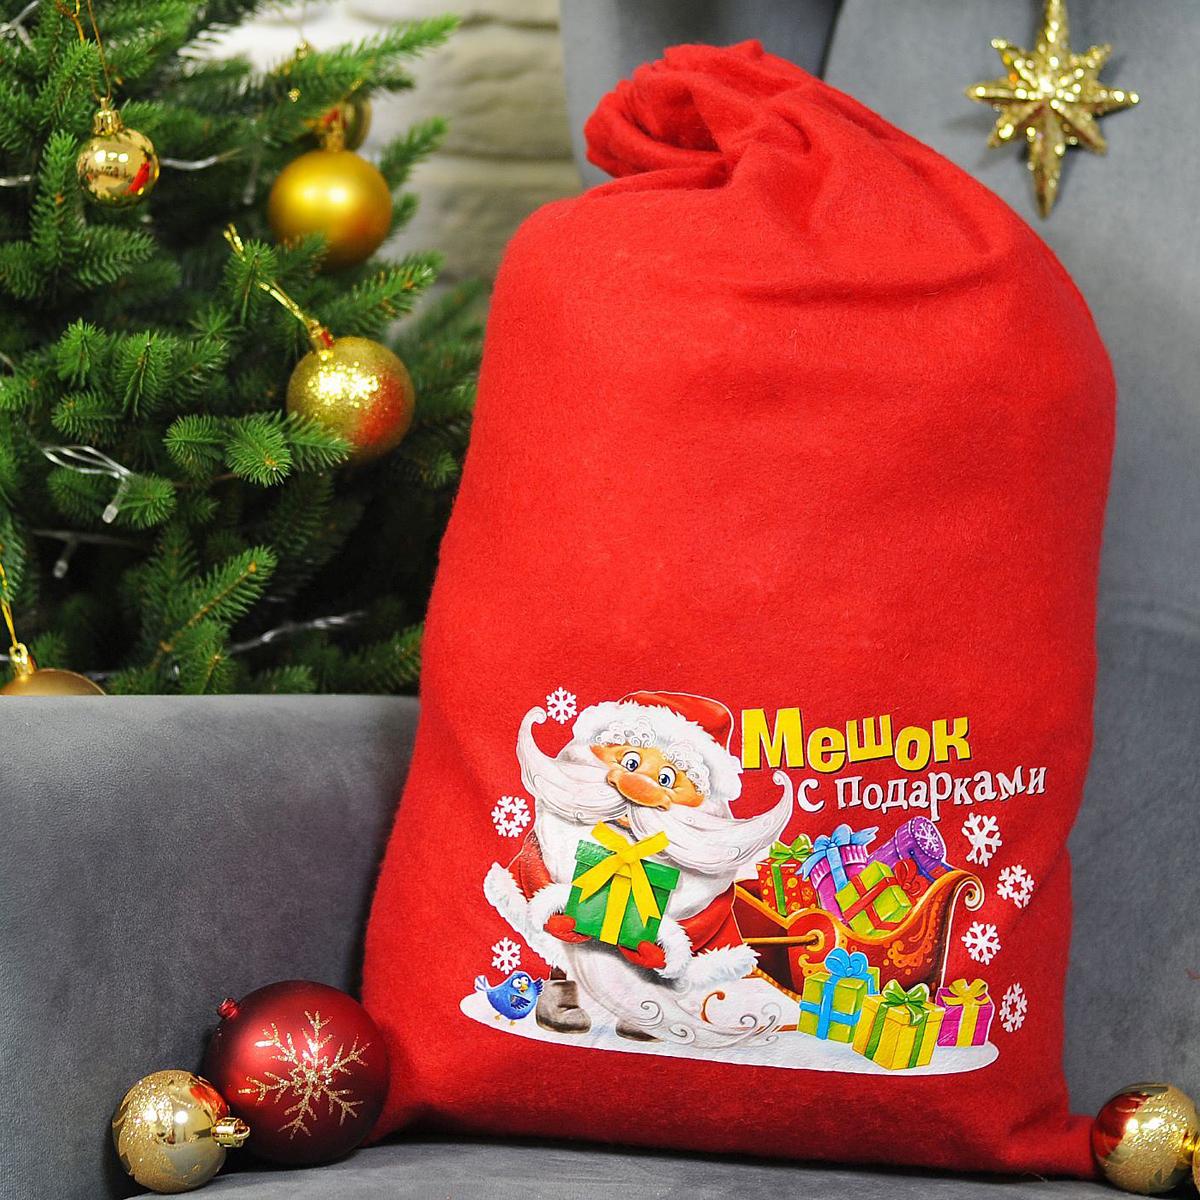 """Подарочная упаковка Страна Карнавалия """"Мешок Деда Мороза"""" превратит любое торжество в настоящий яркий и веселый карнавал полный сюрпризов и смеха. Яркий красный аксессуар с изображением фигурки Деда Мороза возле сказочных саней дополнит любой праздничный наряд, и все близкие будут рады получить из рук краснощекого персонажа заслуженный подарок! Размер: 40 х 60 см."""